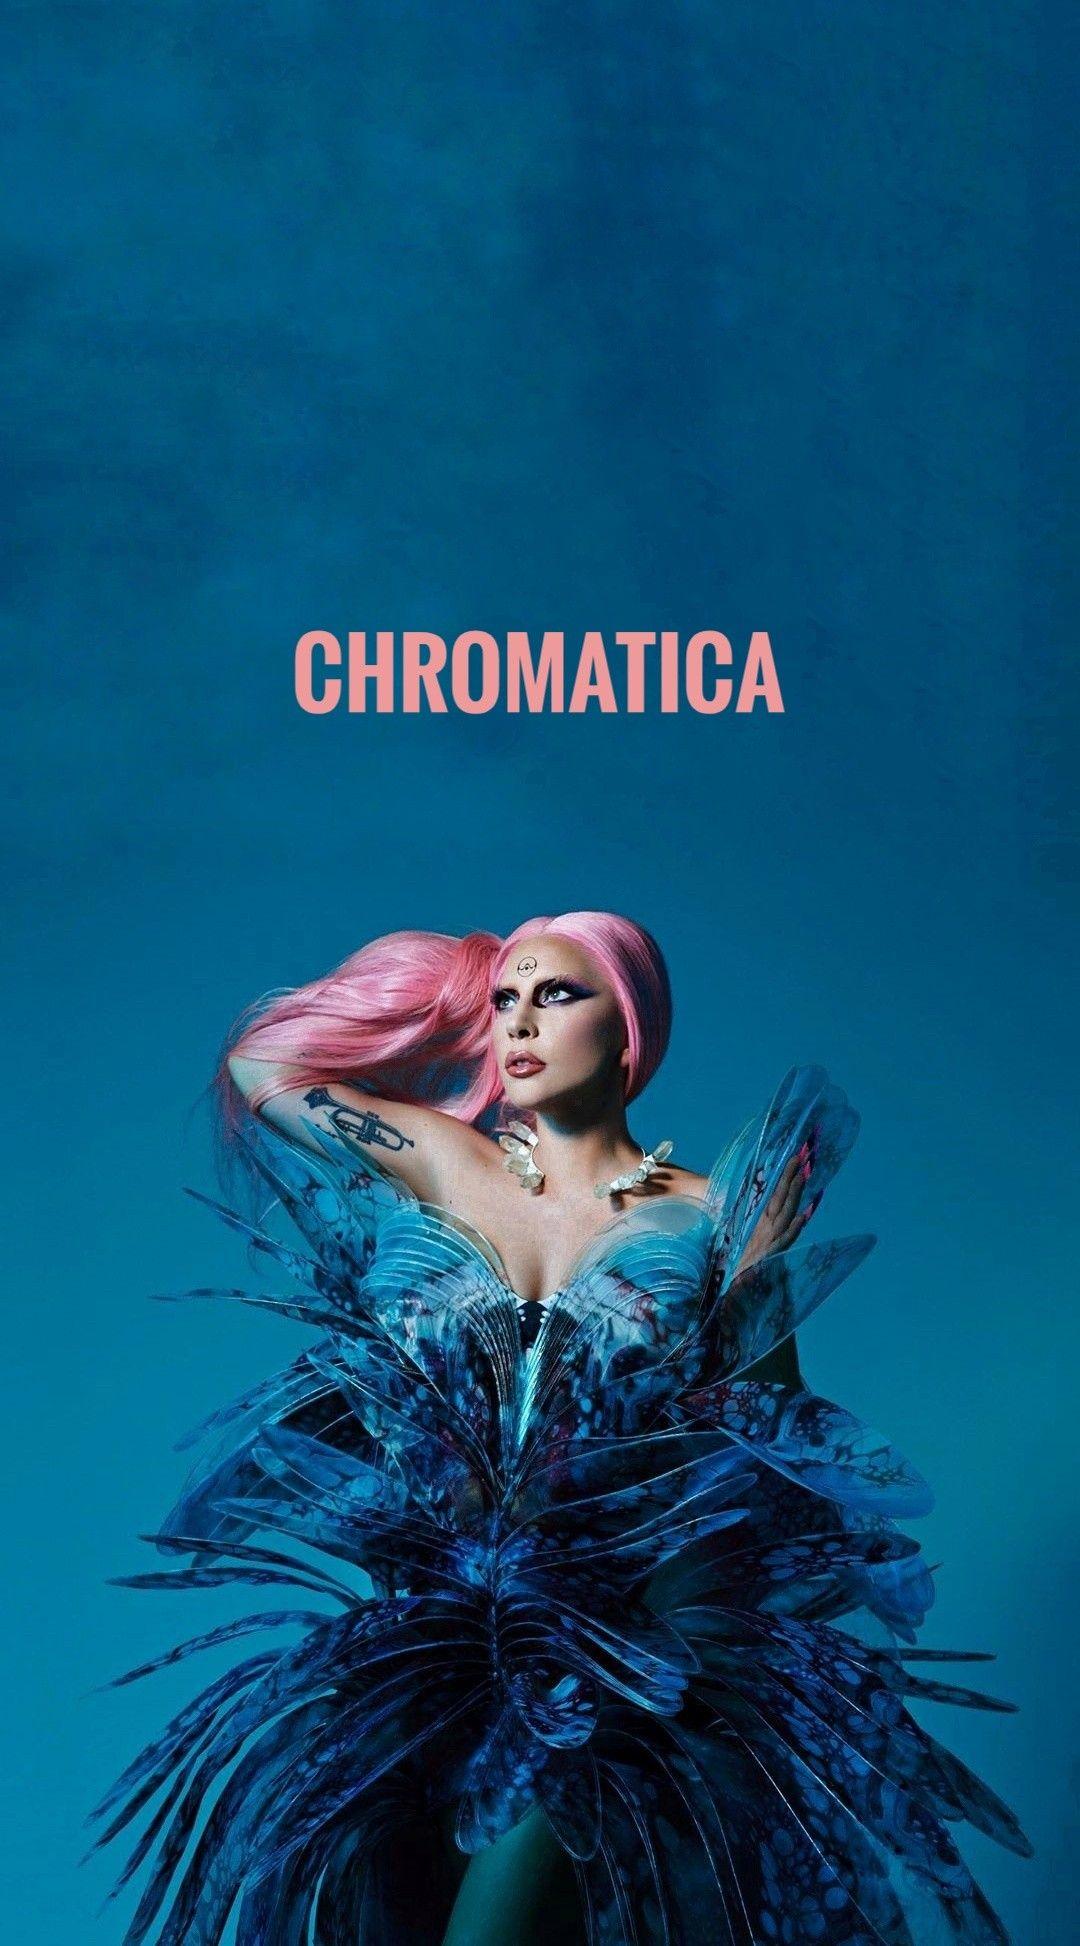 Lady Gag Aesthetic Wallpaper In 2020 Lady Gaga Lady Gag Lady Gaga Guy